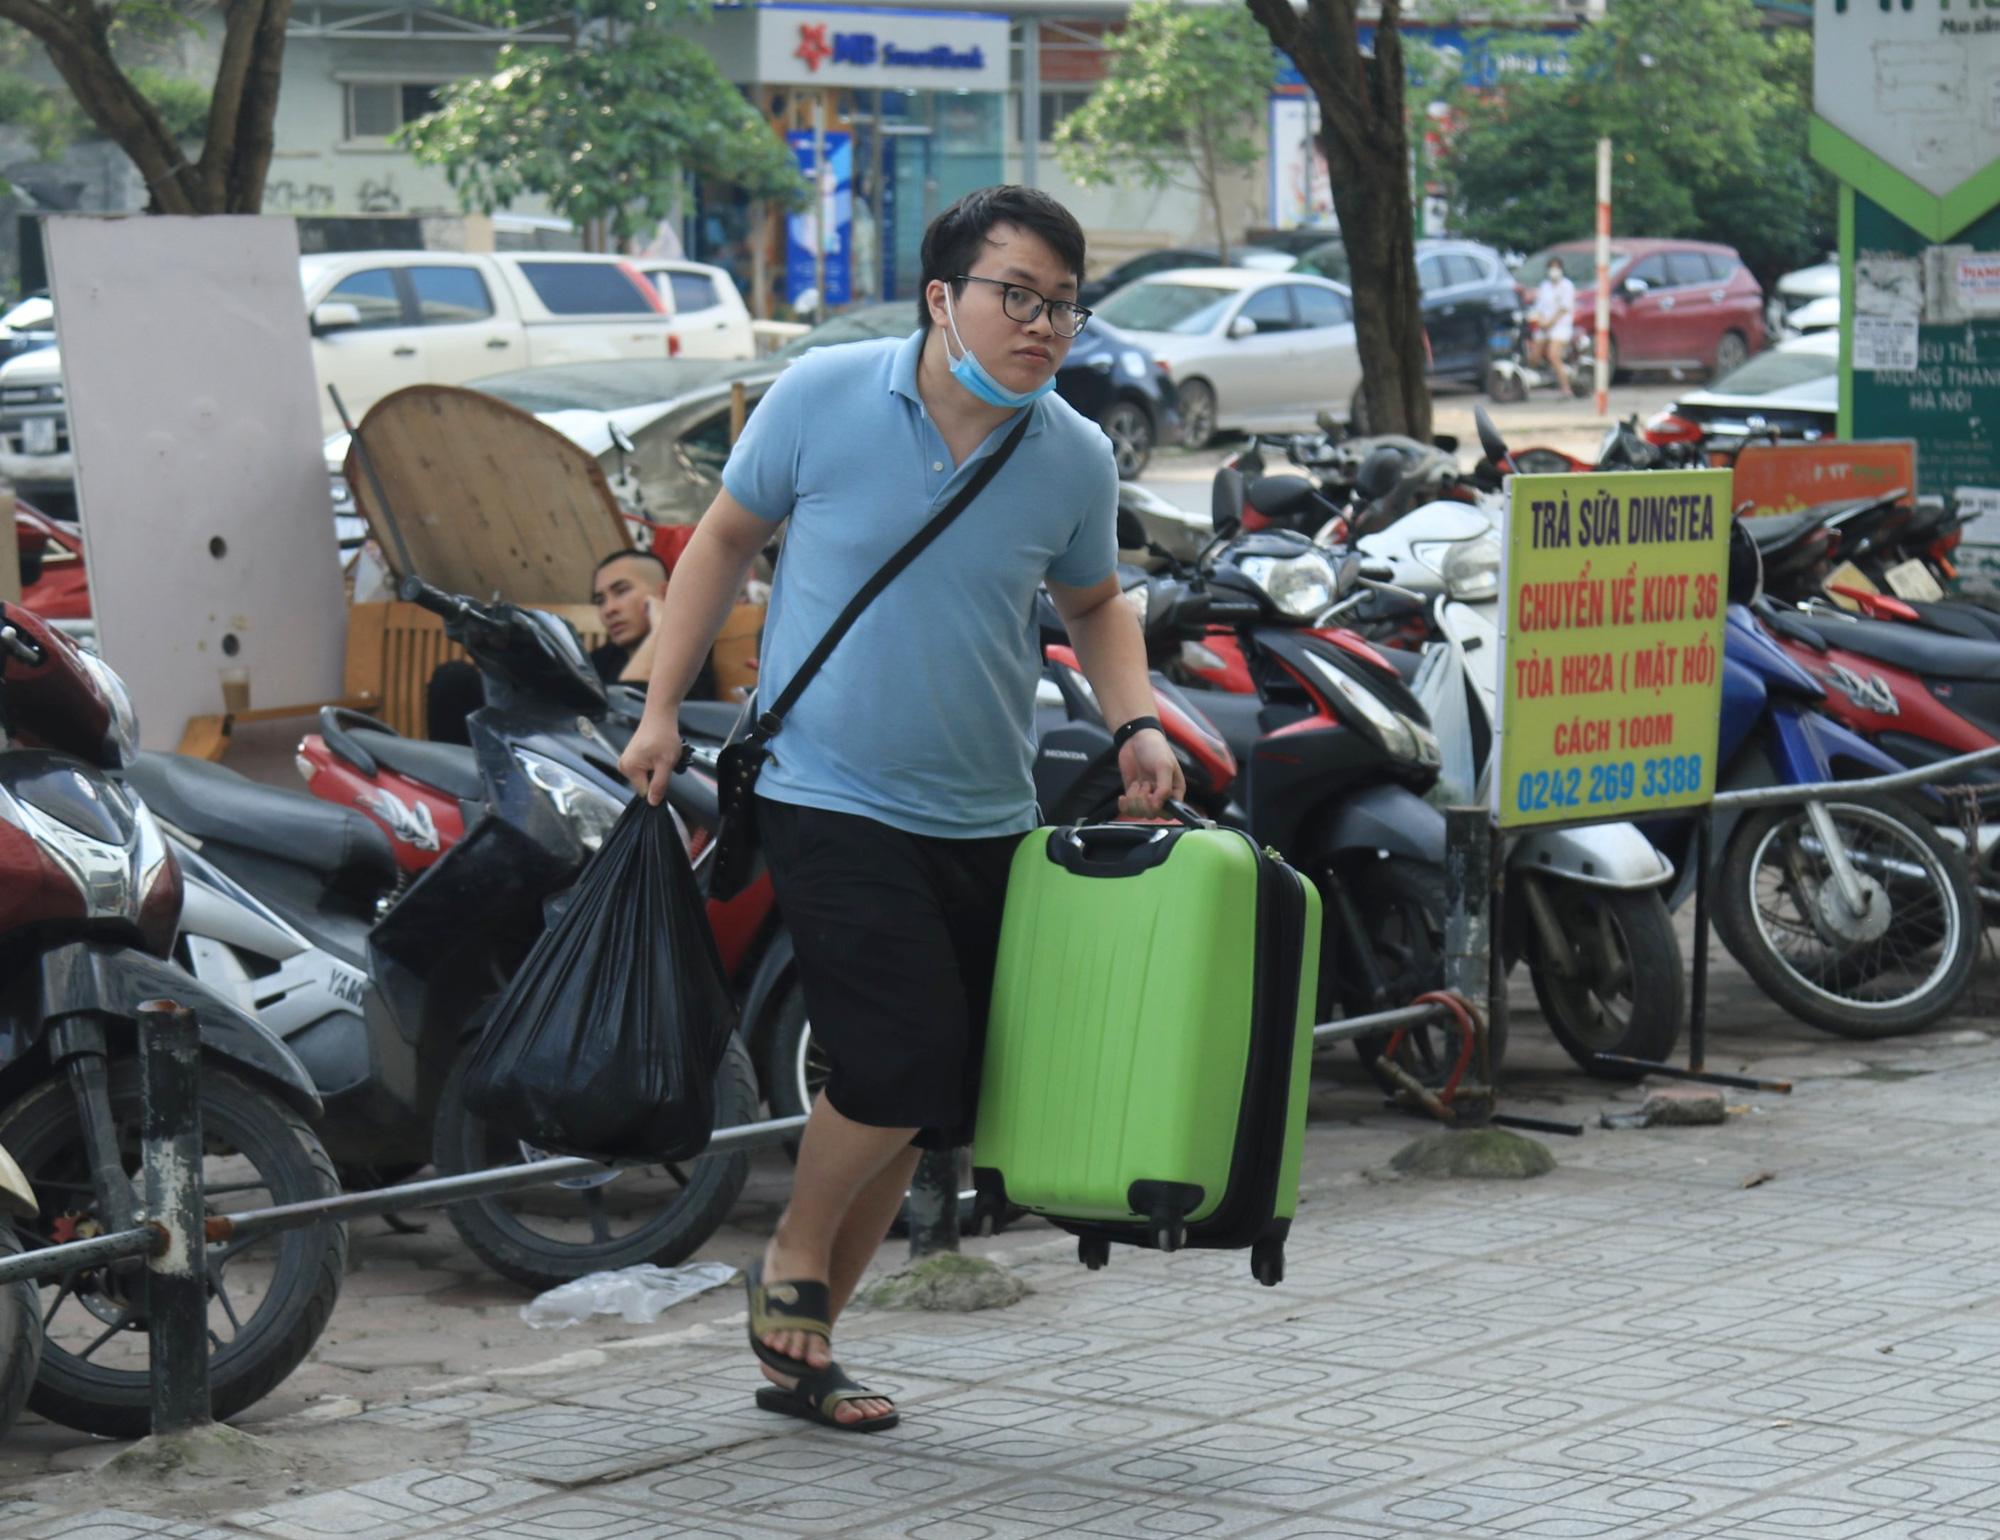 Người dân khai báo y tế bắt buộc ra sao khi trở lại Hà Nội sau nghỉ lễ 30/4-1/5? - Ảnh 5.